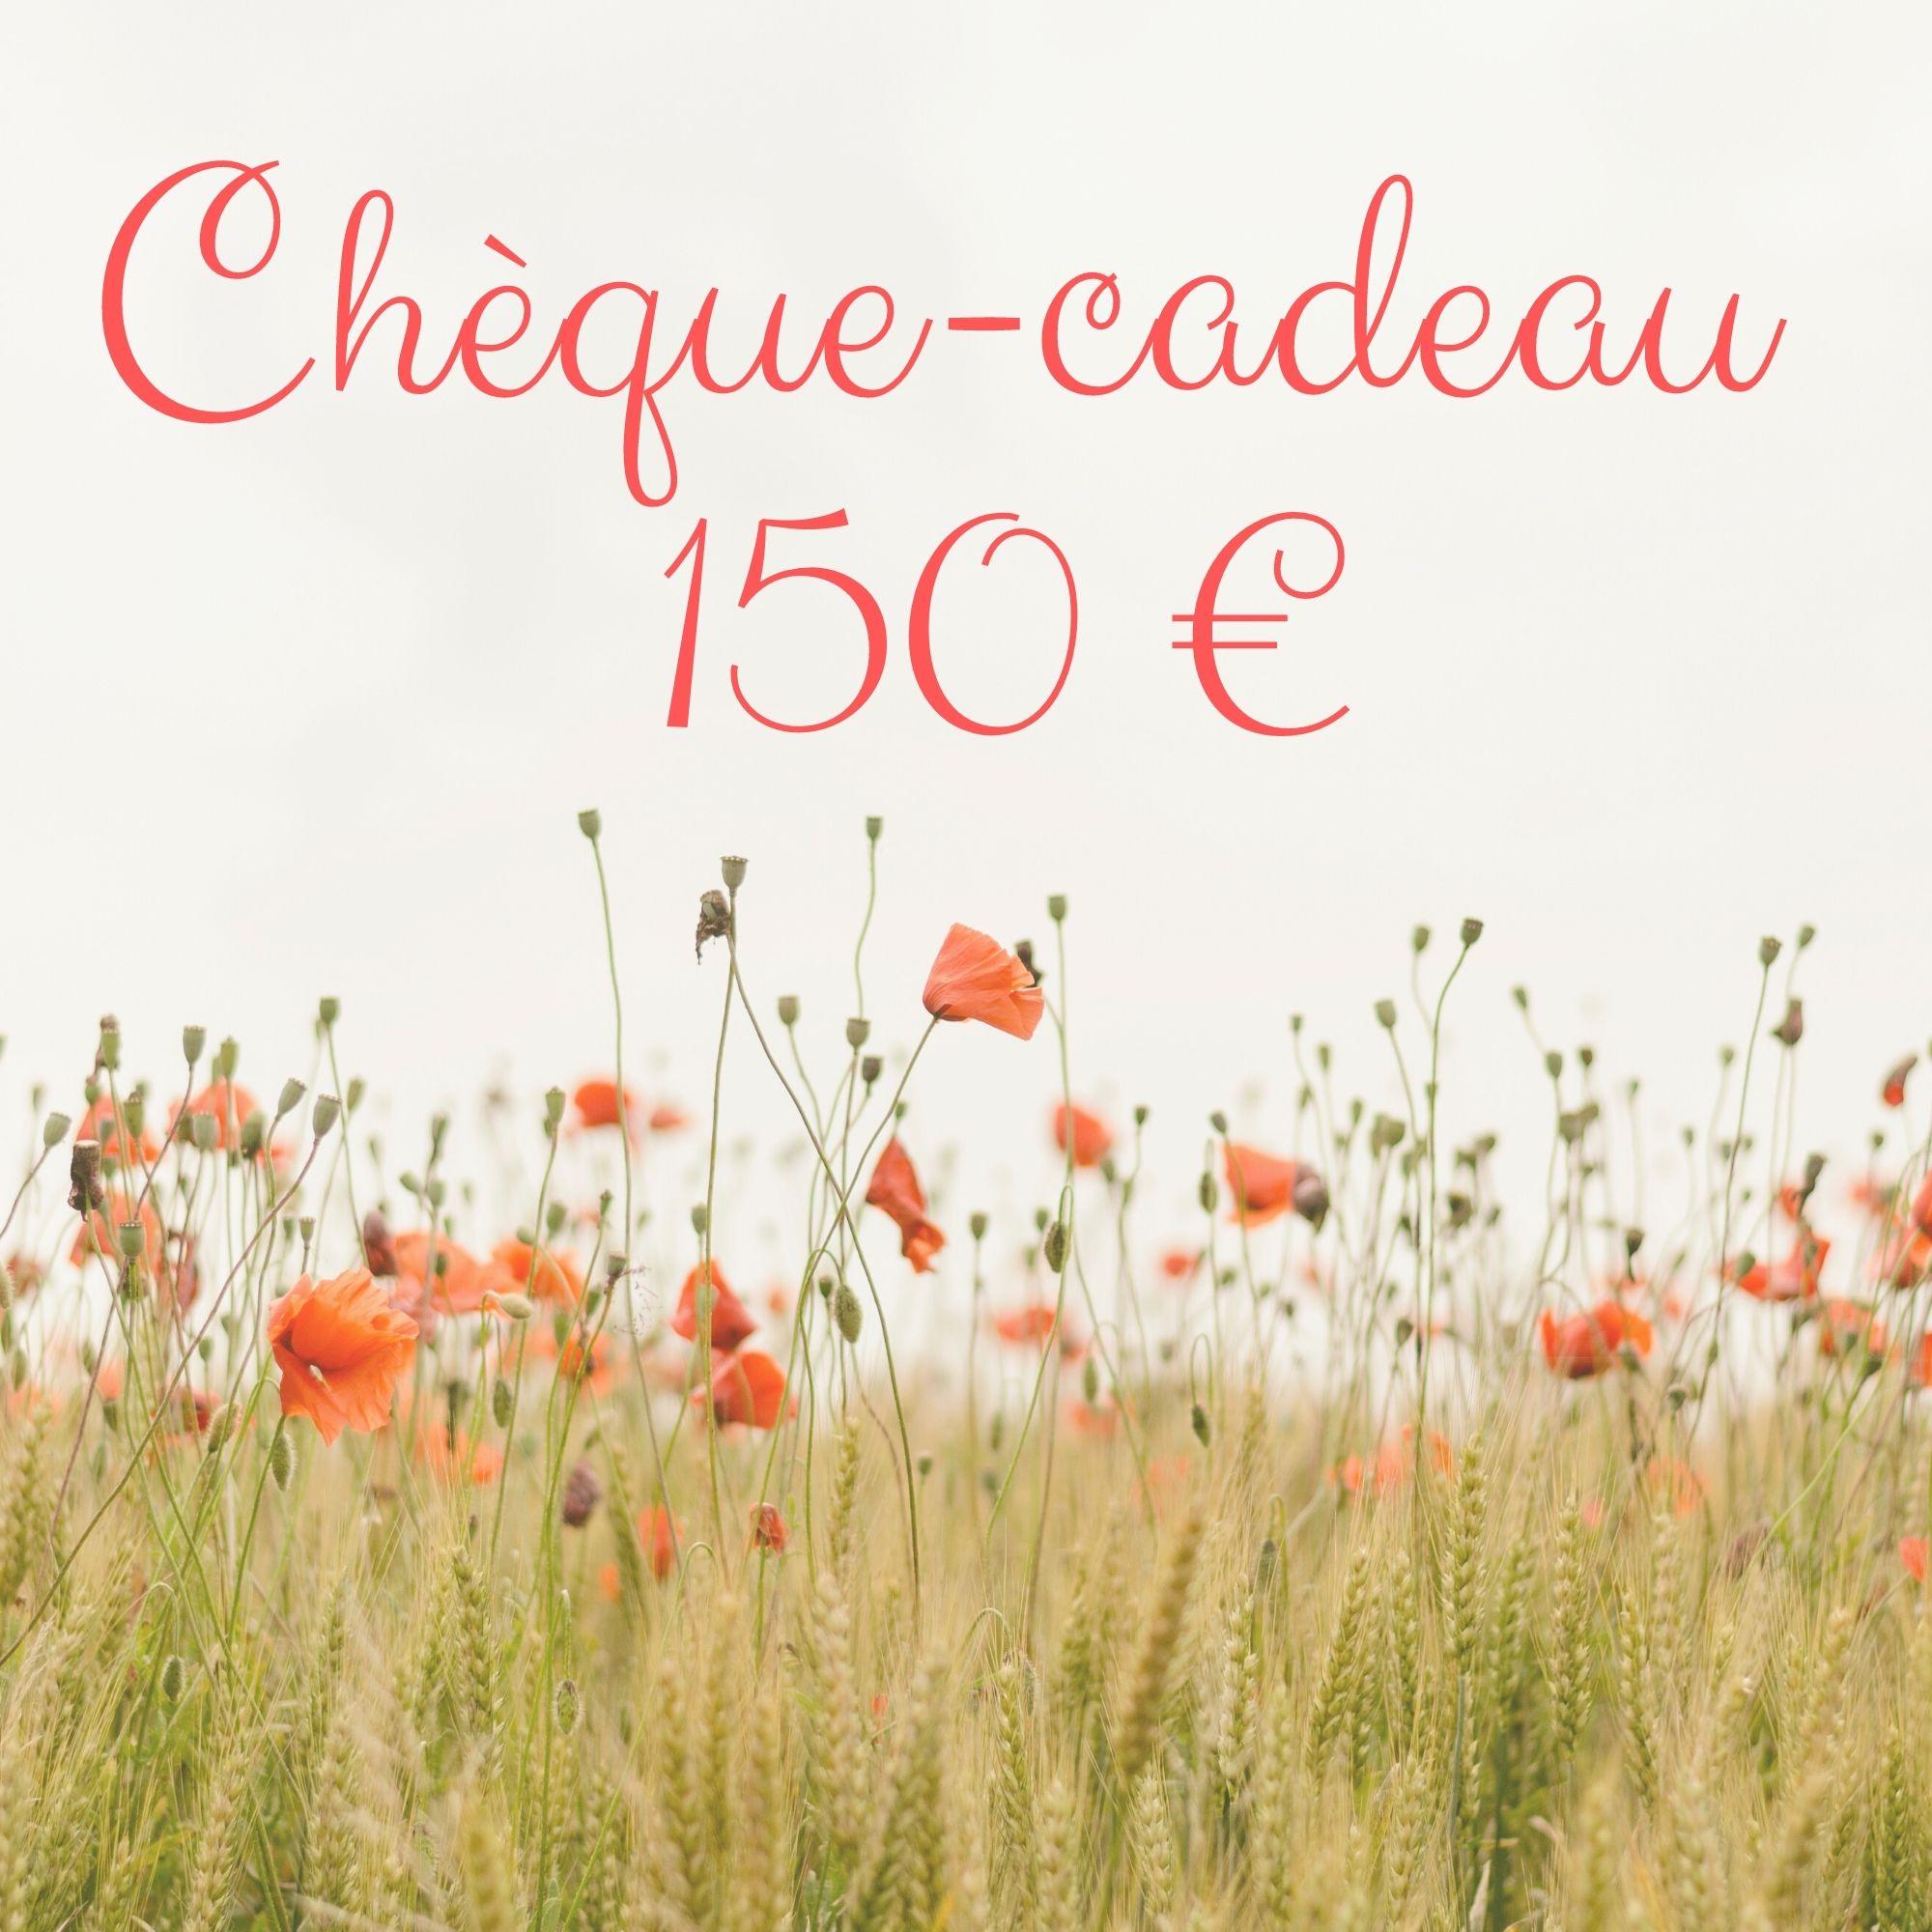 Chèque-cadeau 150 €